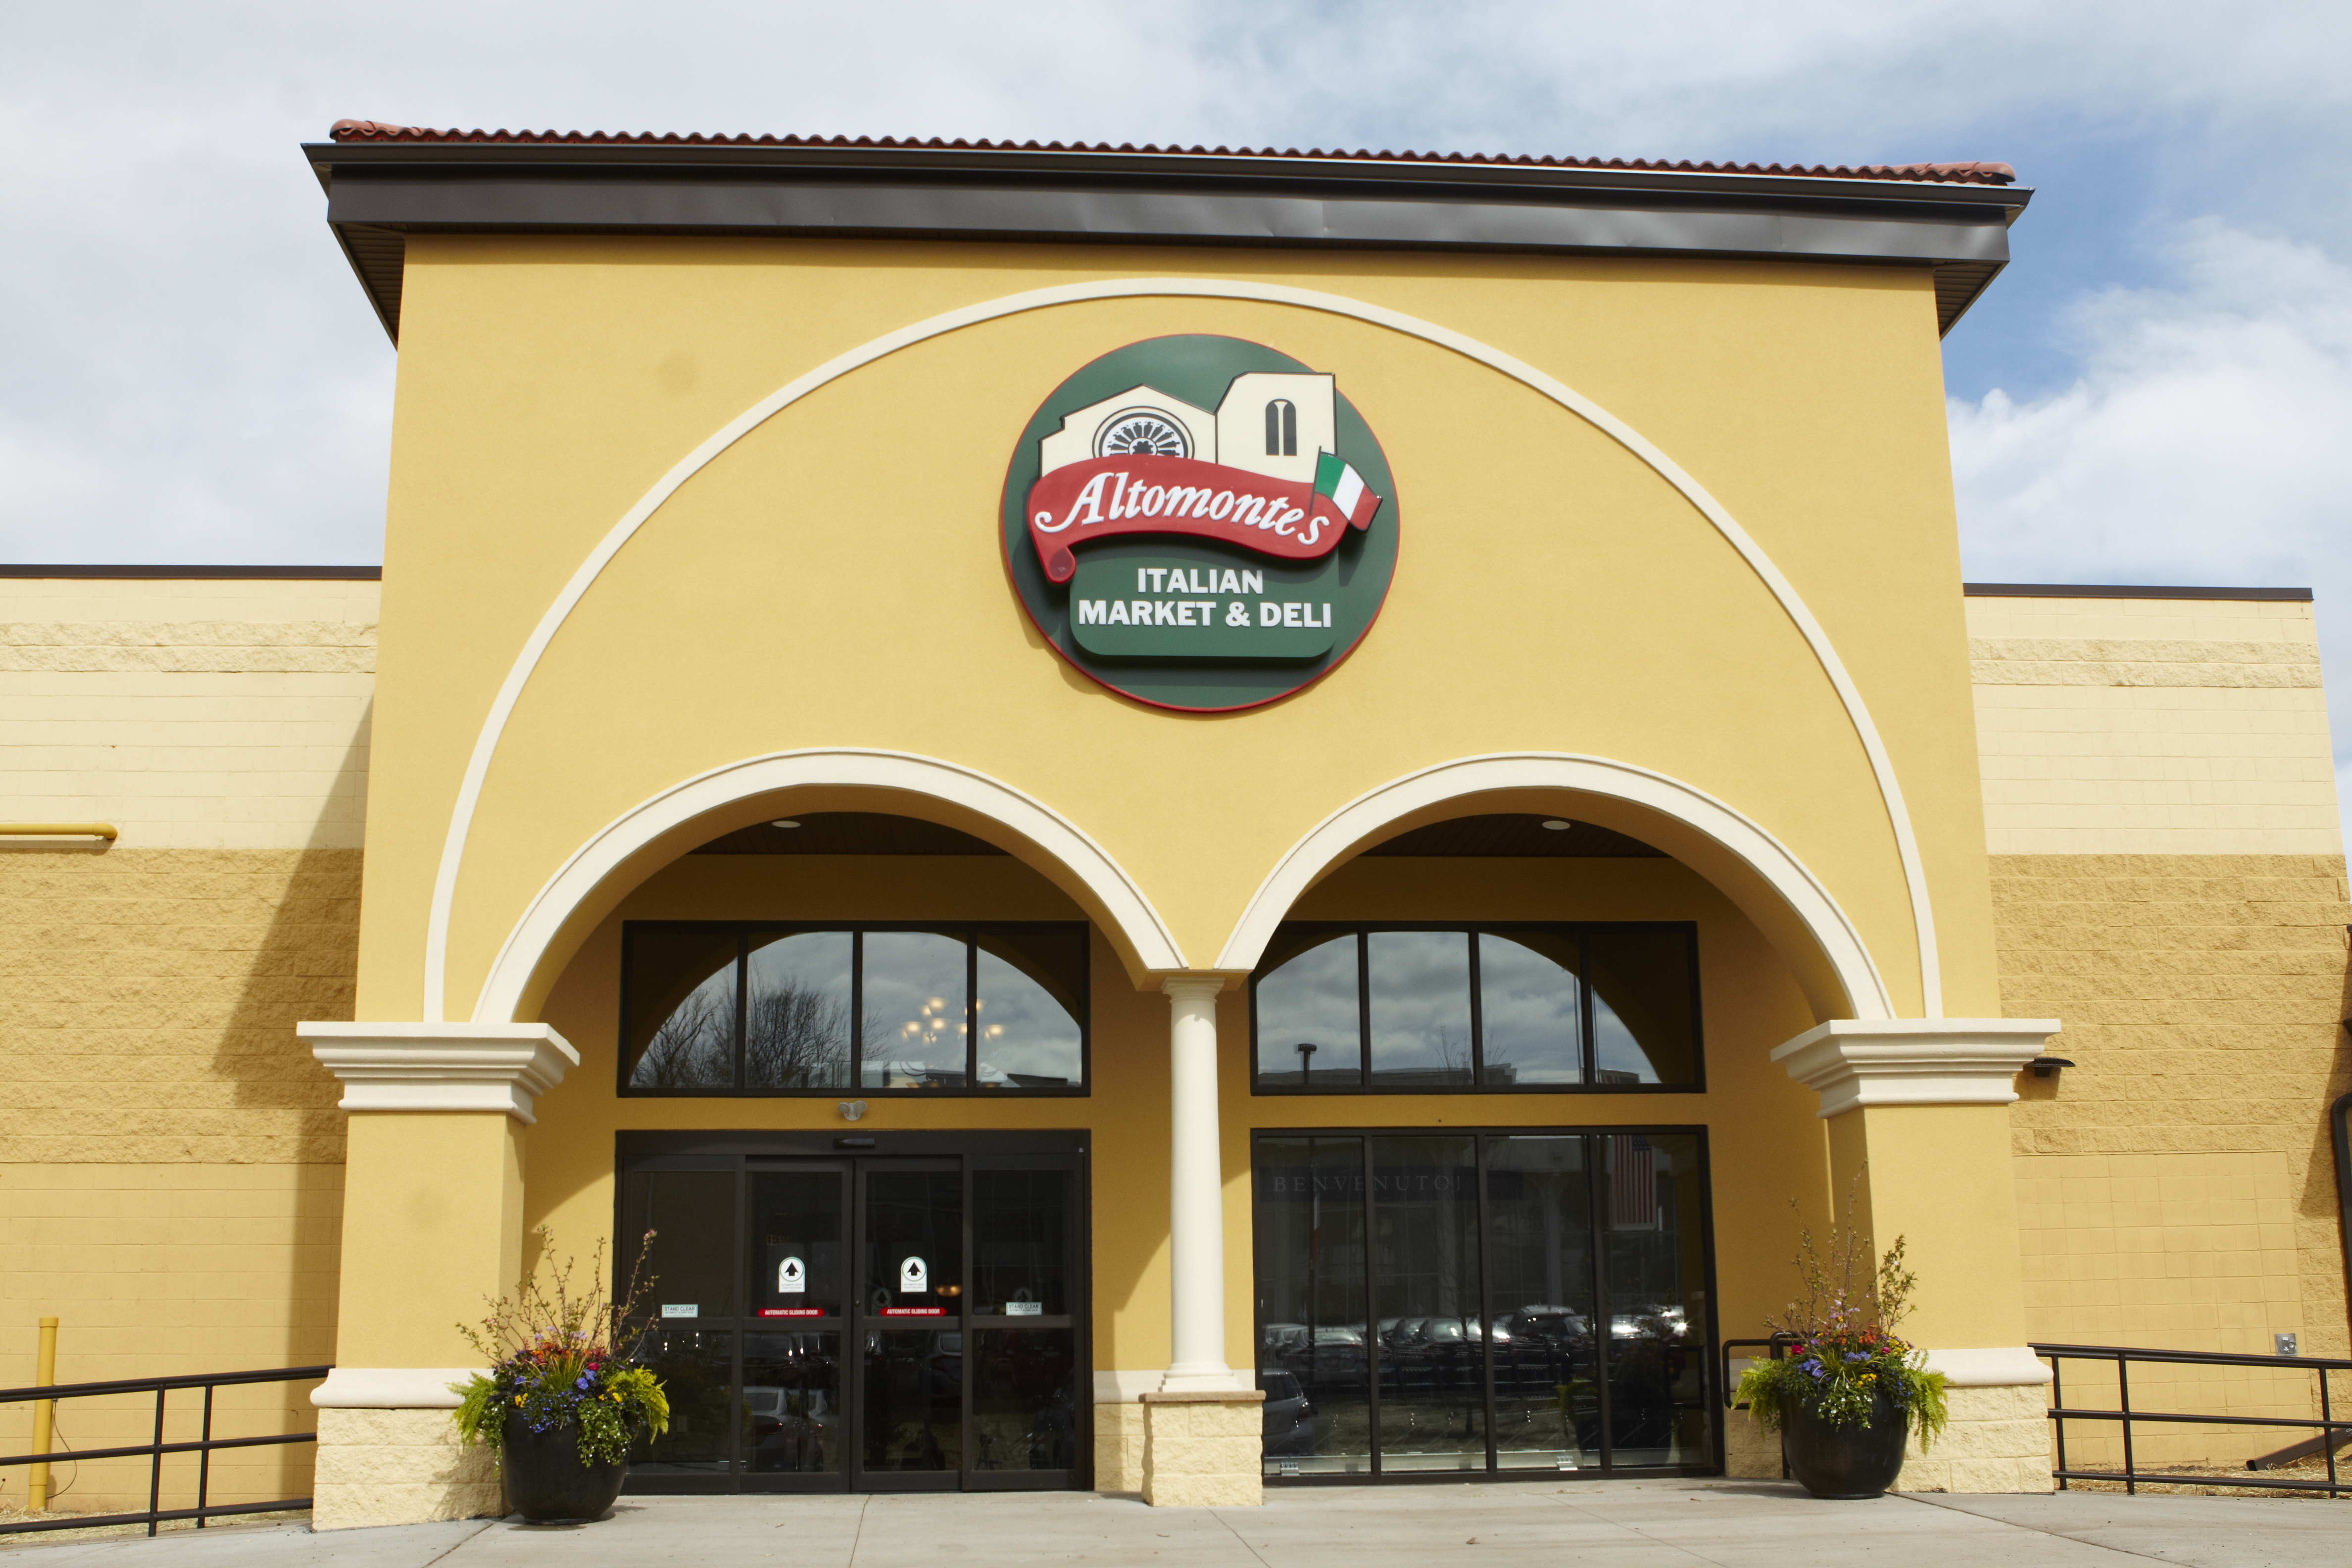 Altomonte's